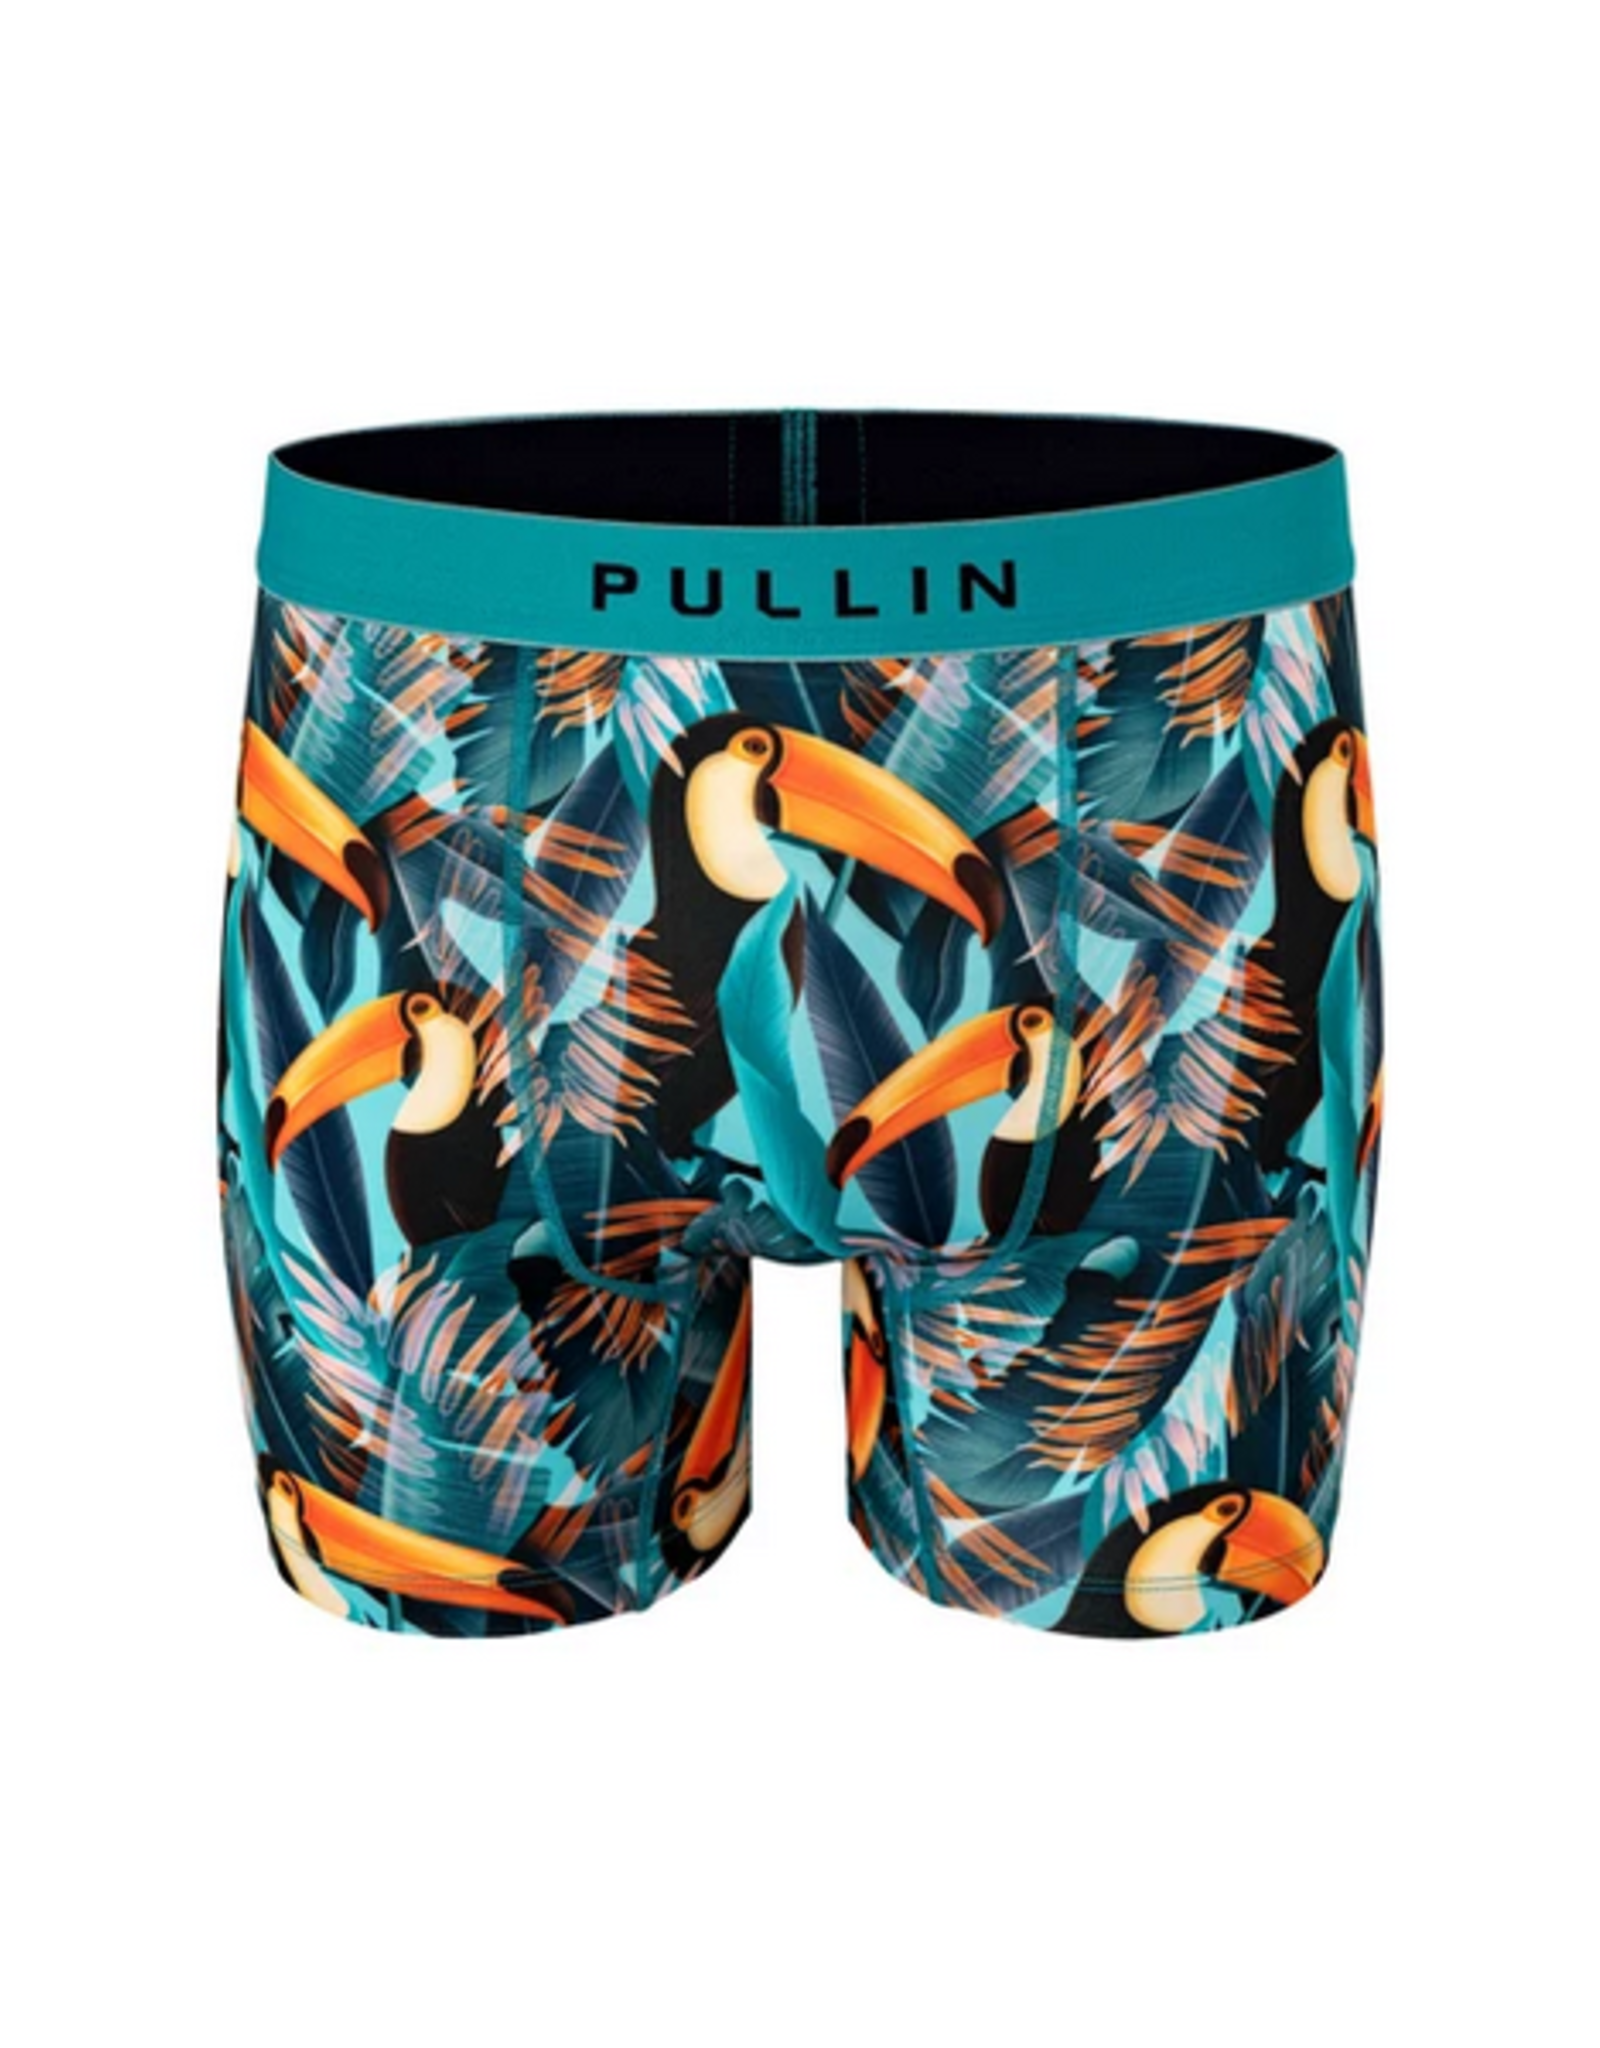 Pullin Fashion 2 ORANGETOUC